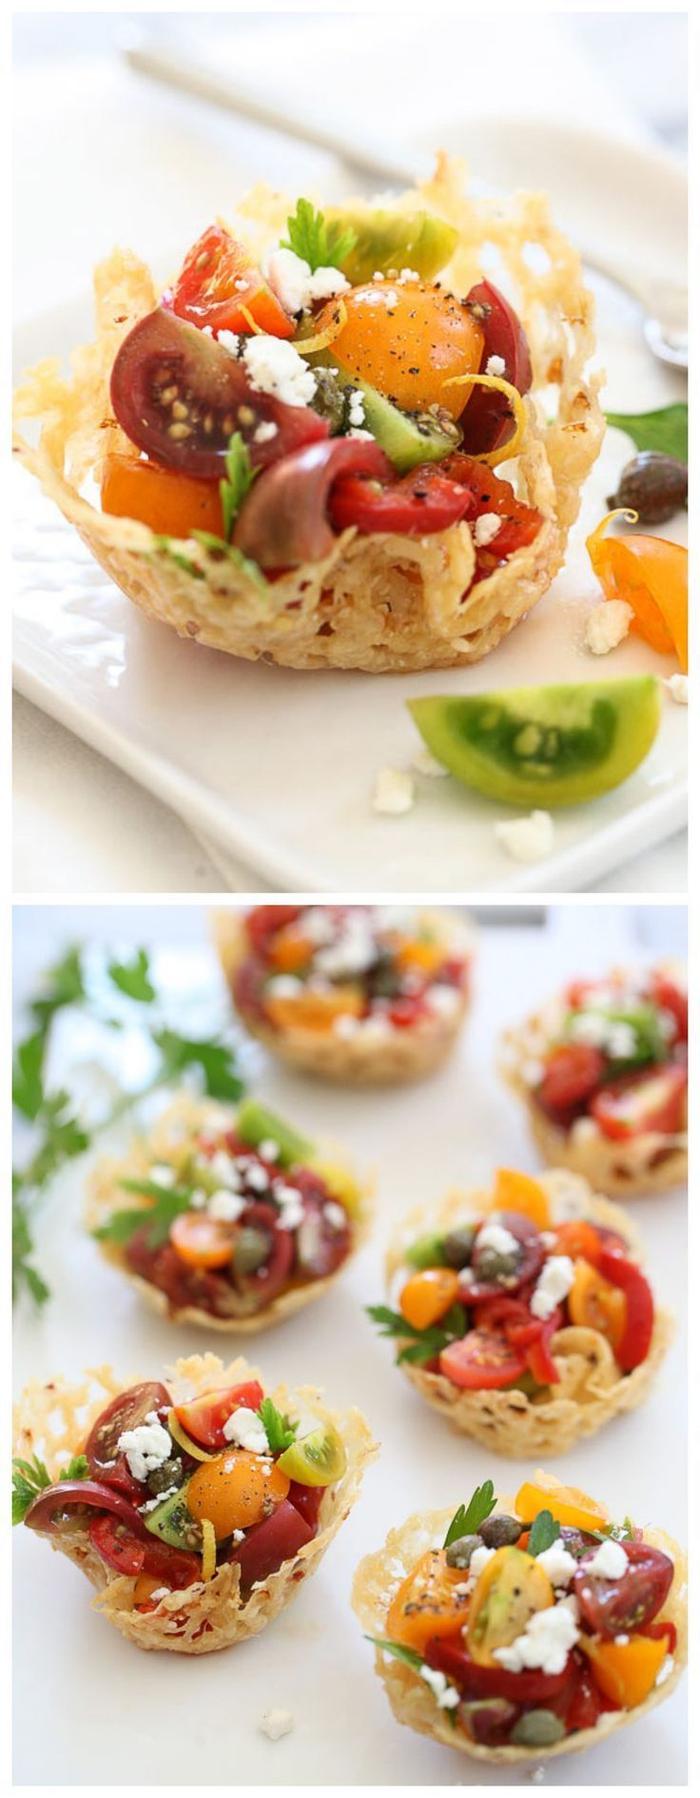 recette végétarienne rapide de tartelettes au parmesan garnies de salade de tomates façon caprese servie de façon élégante